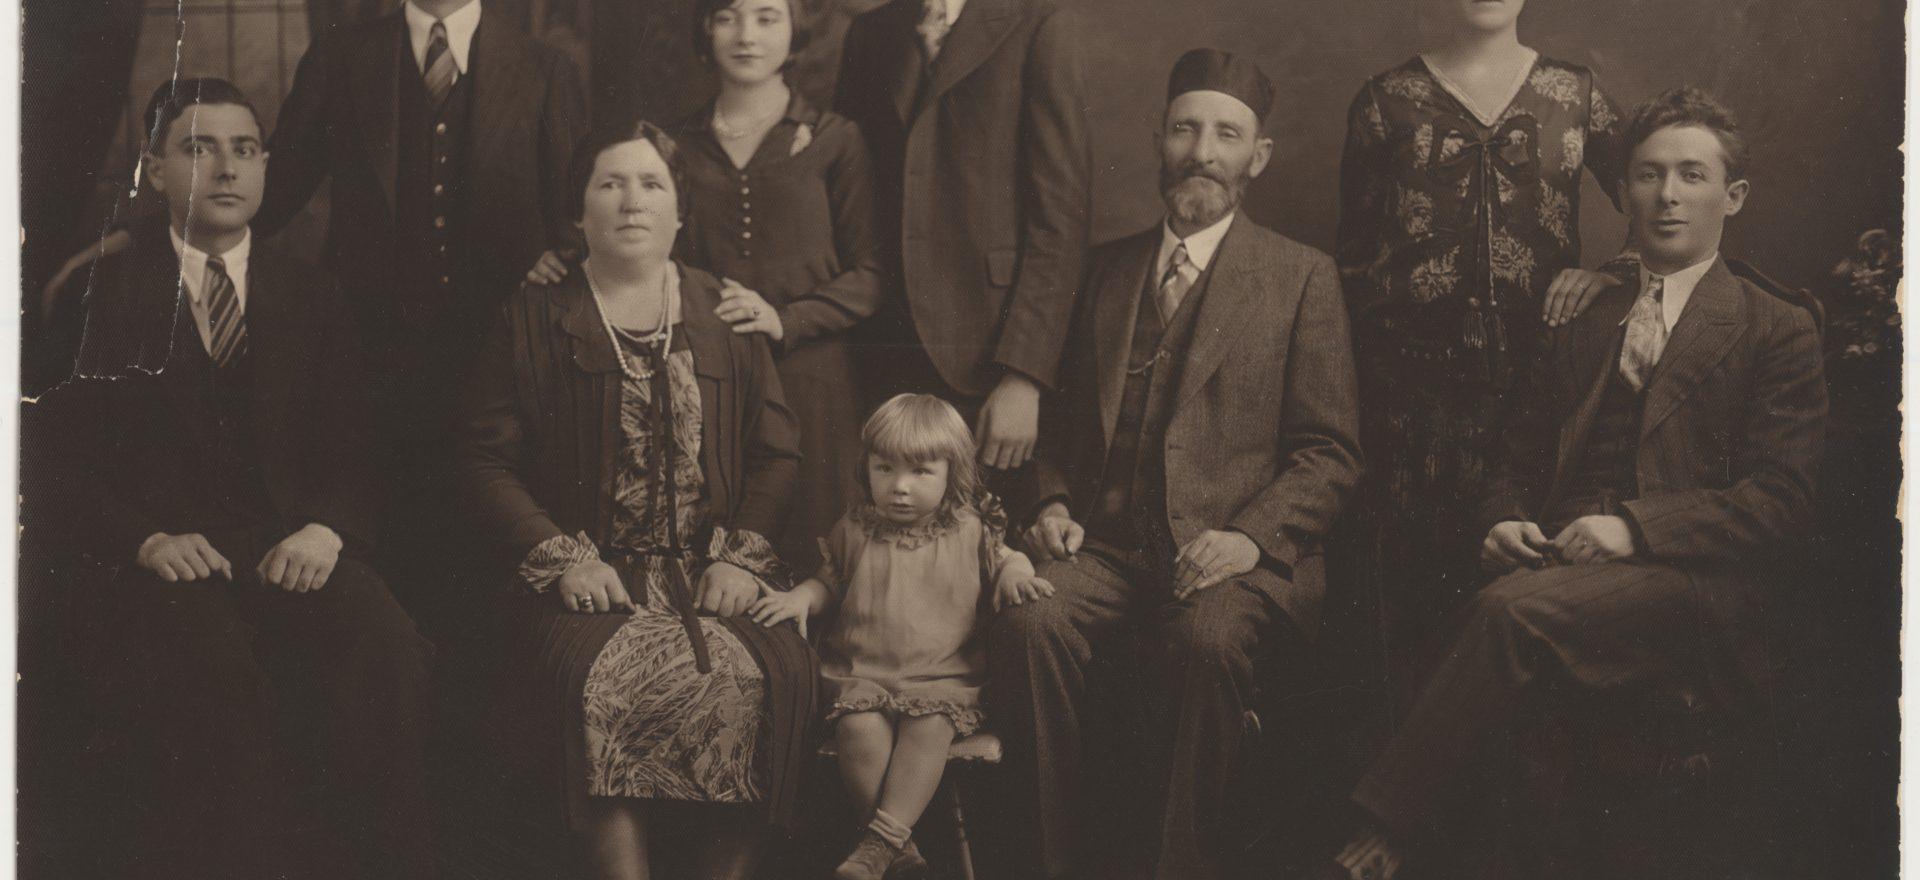 Photo d'avant le génocide des Juifs(Holocauste), d'une famille,, c. 1924